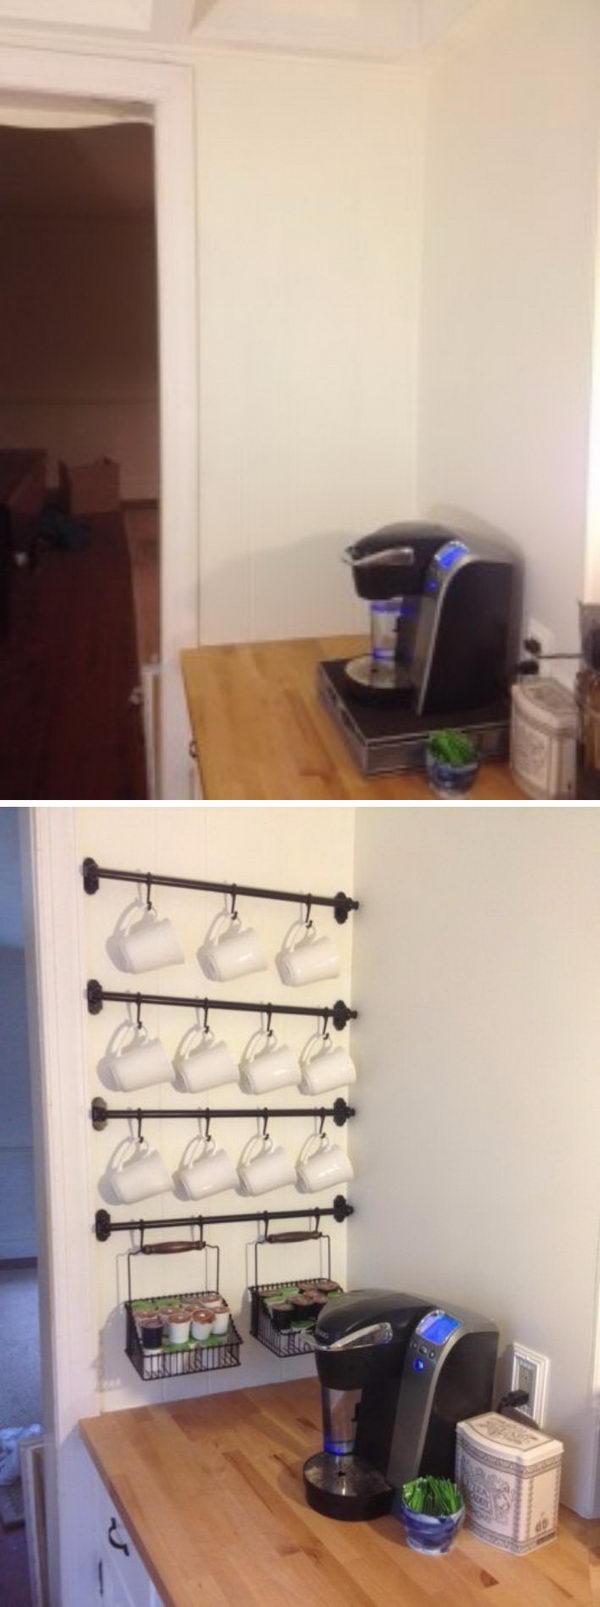 20 Creative Kitchen Organization And DIY Storage Ideas